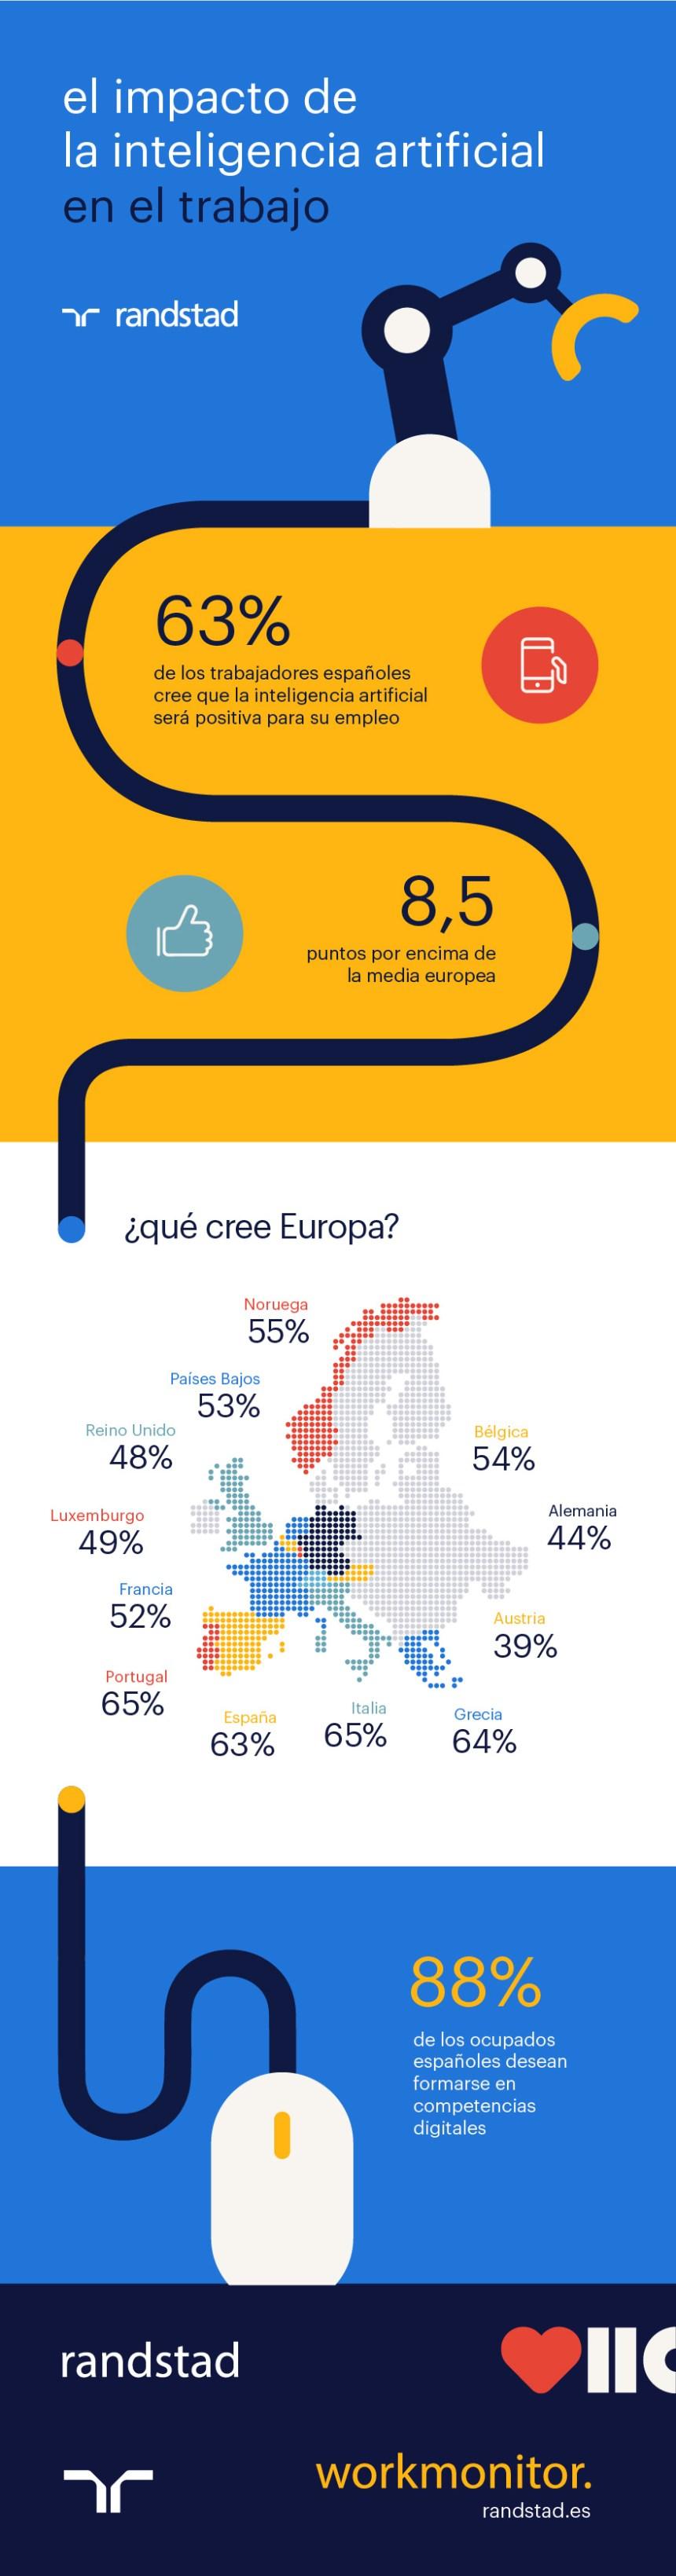 El impacto de la Inteligencia Artificial en el trabajo #infografia #ia #rrhh